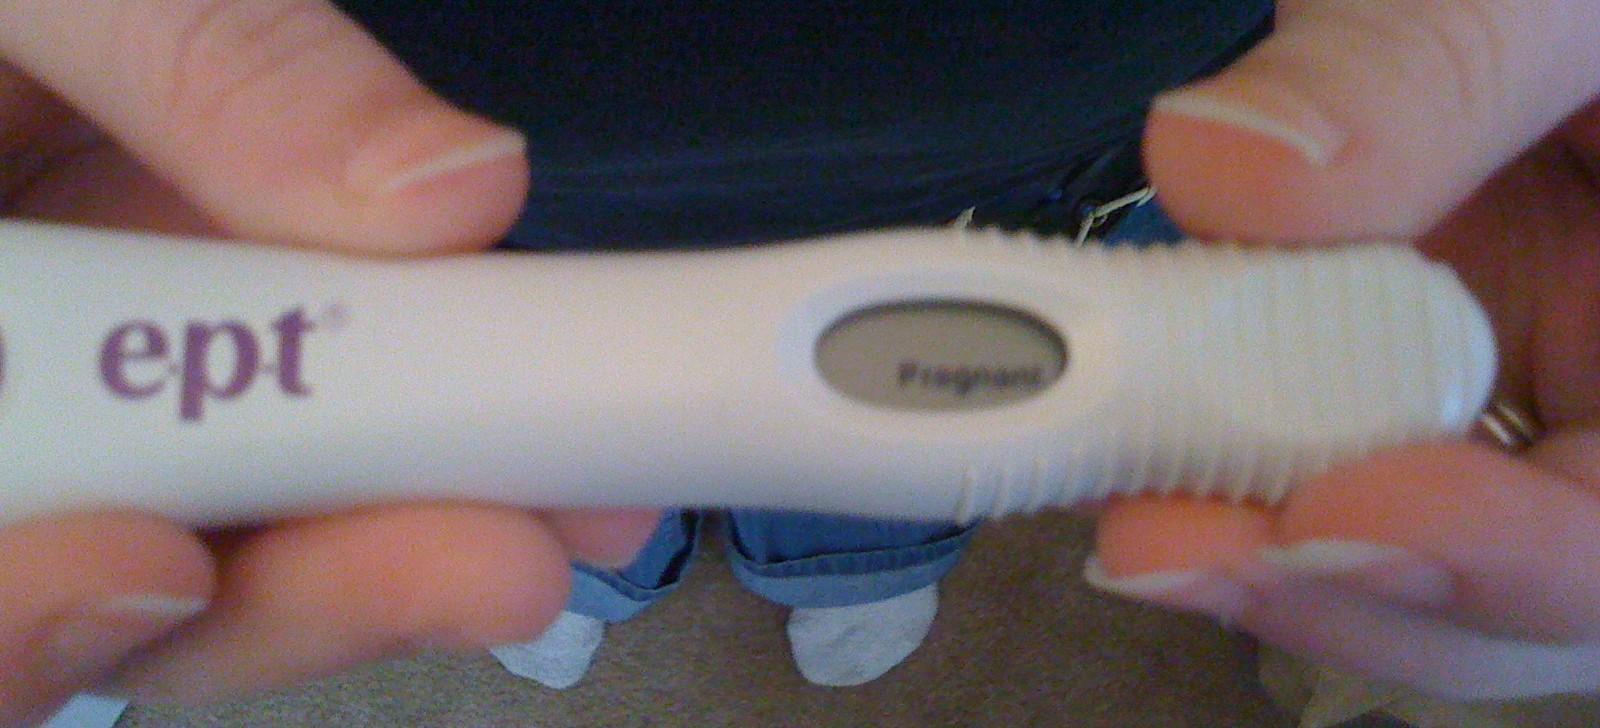 3/7/10 E.P.T. Digital Pregnancy Test is POSITIVE!